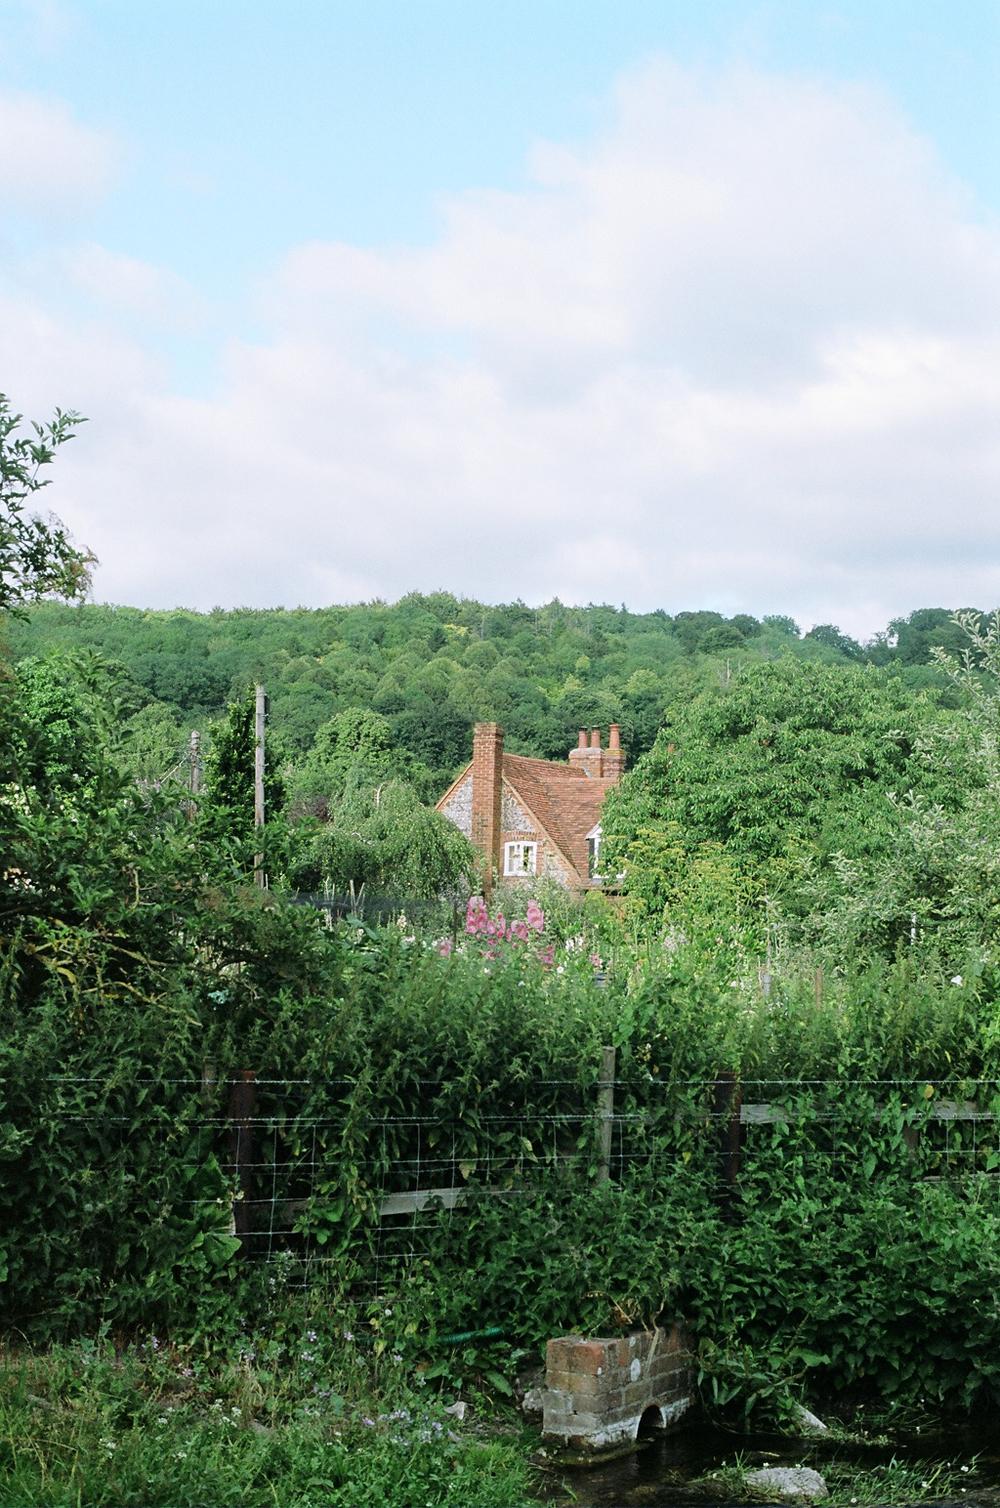 Hambledon, 2012